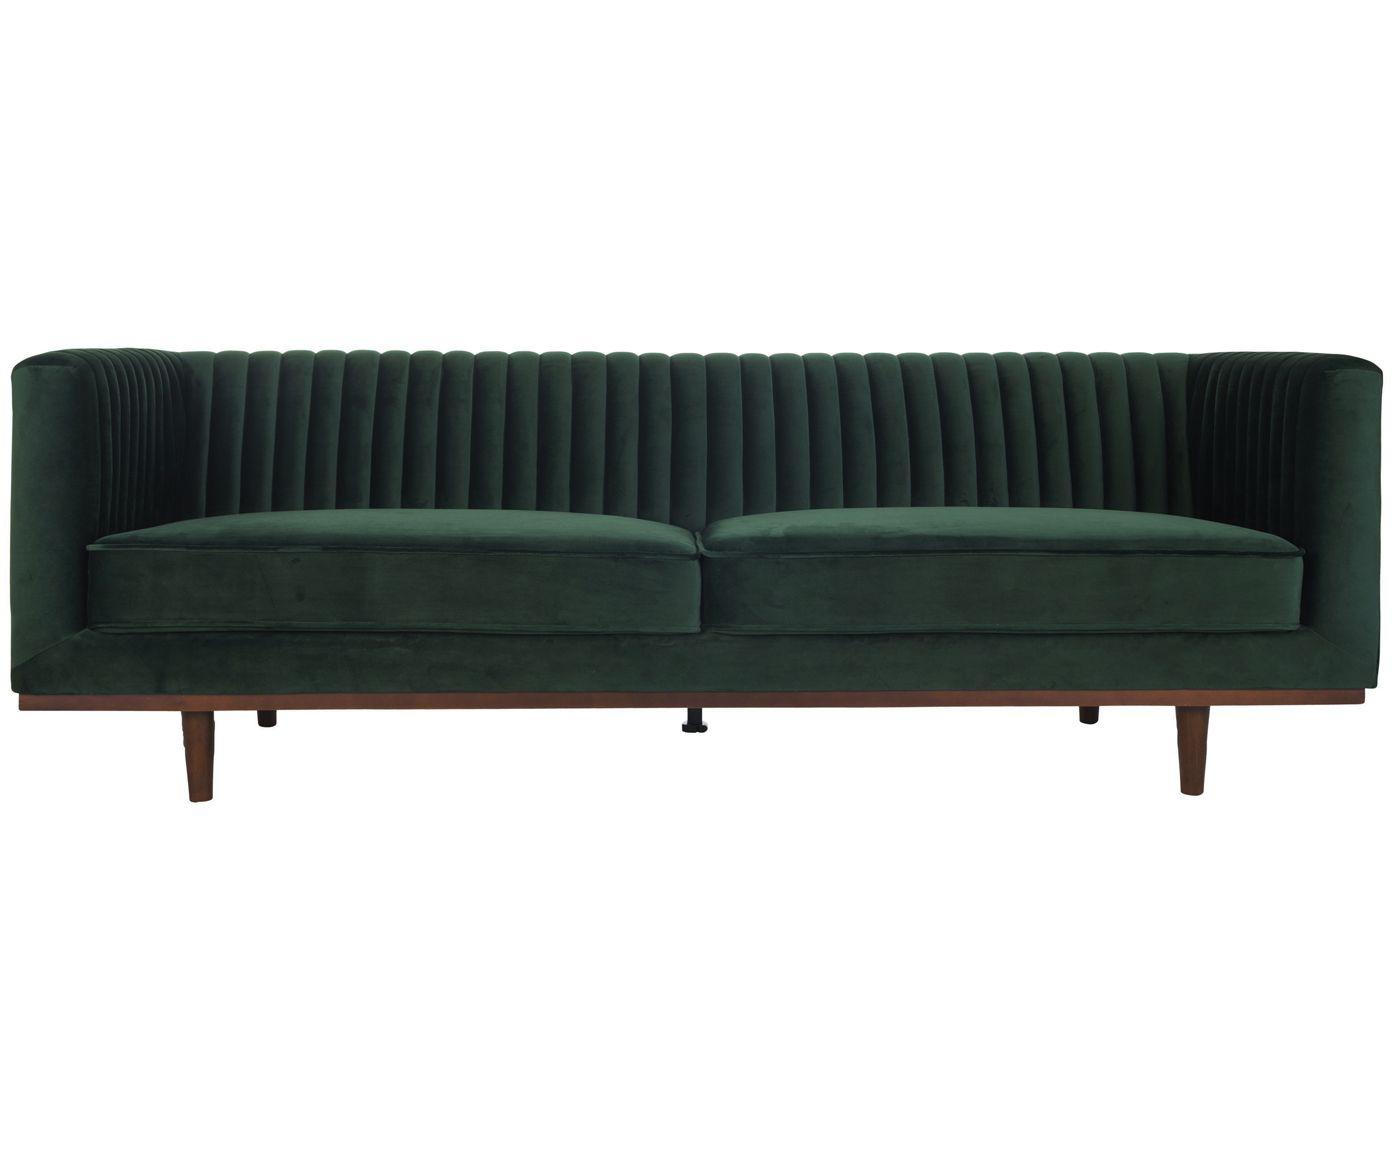 Fluwelen Bank Dante 3 Zits In Groen Met Houten Poten Westwingnow Samt Sofa Sofa Haus